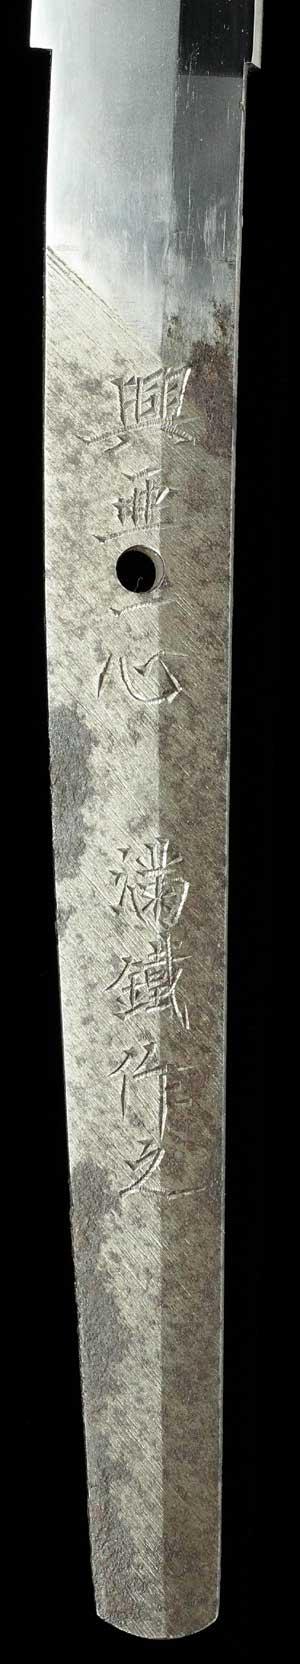 満鉄刀の茎写真